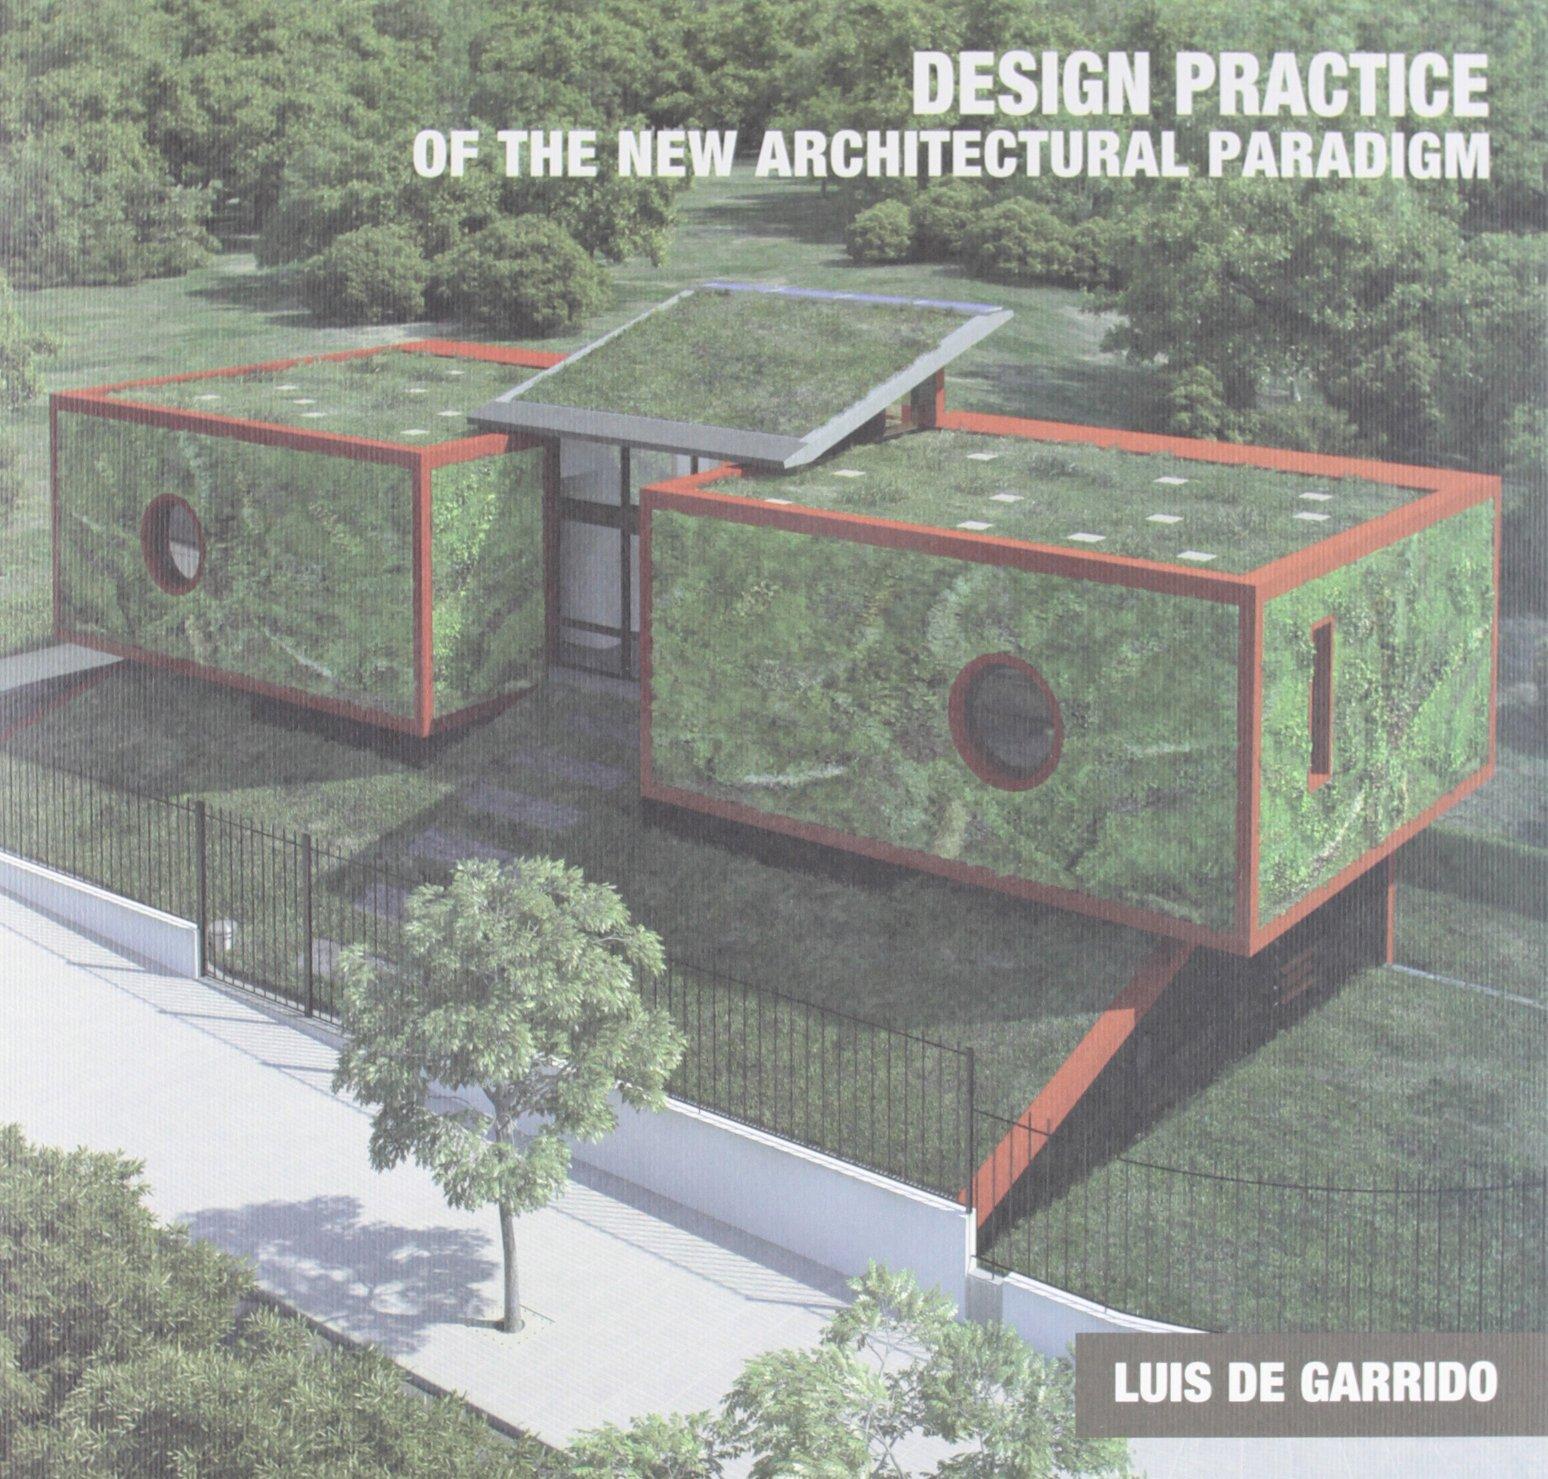 La práctica proyectual del nuevo paradigma en arquitectura: teoría, diseño y proceso constructivo. Luis de Garrido Tapa blanda – 10 nov 2012 Rúa 8494009400 Architecture Architektur